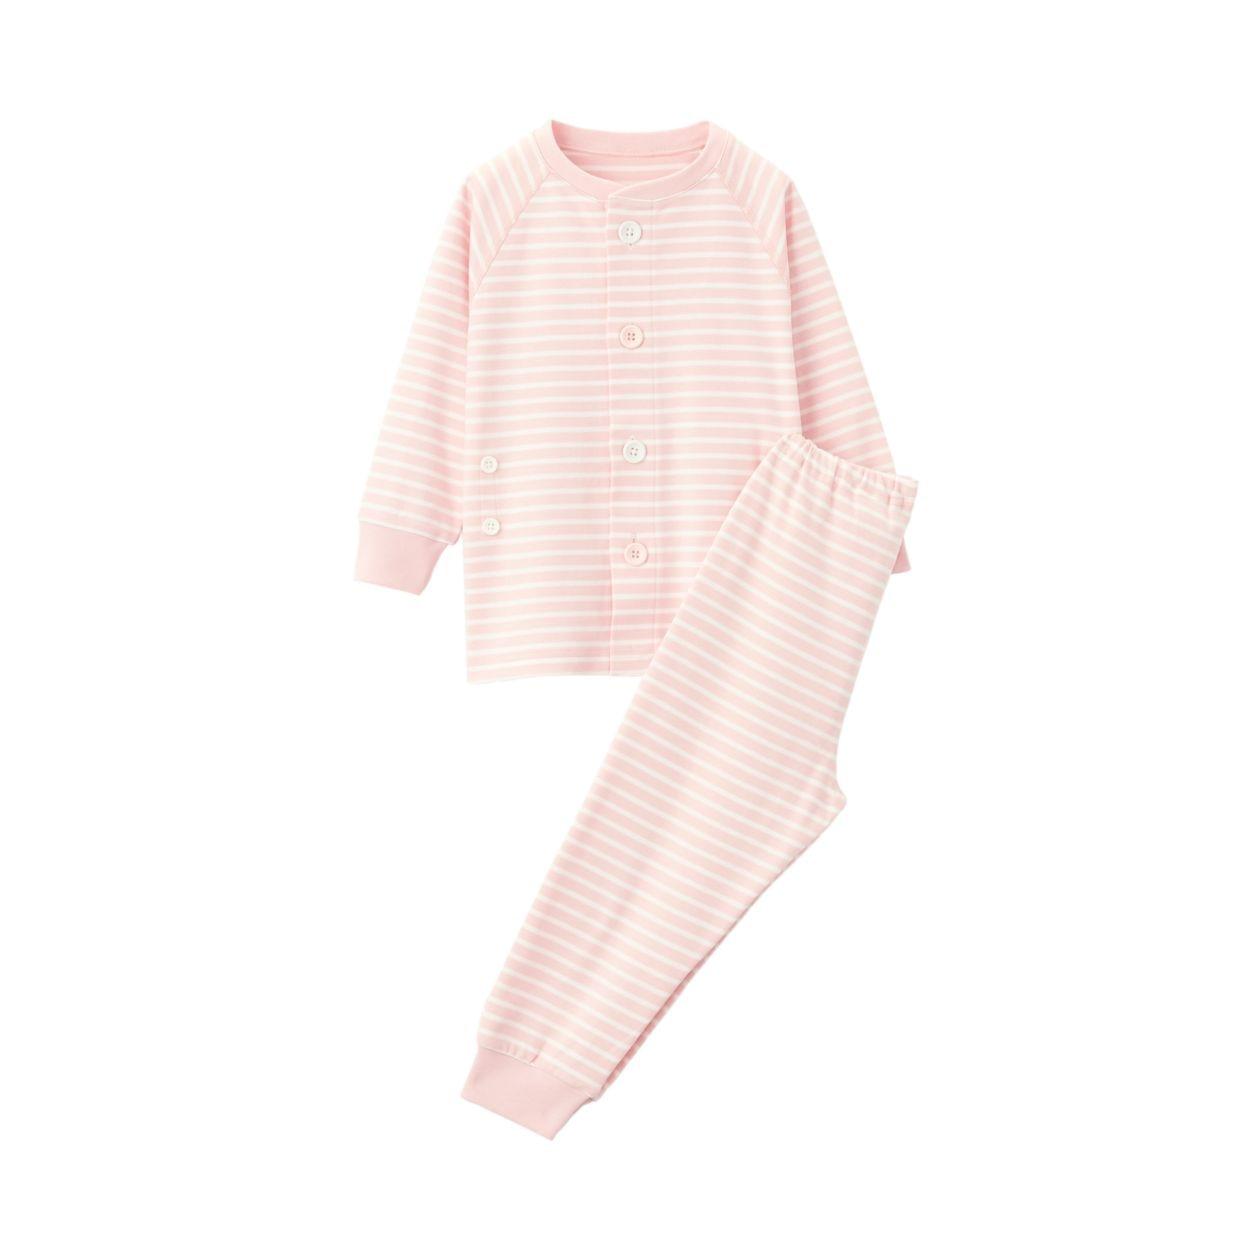 脇に縫い目のない スムース編みお着替えパジャマ(ベビー)